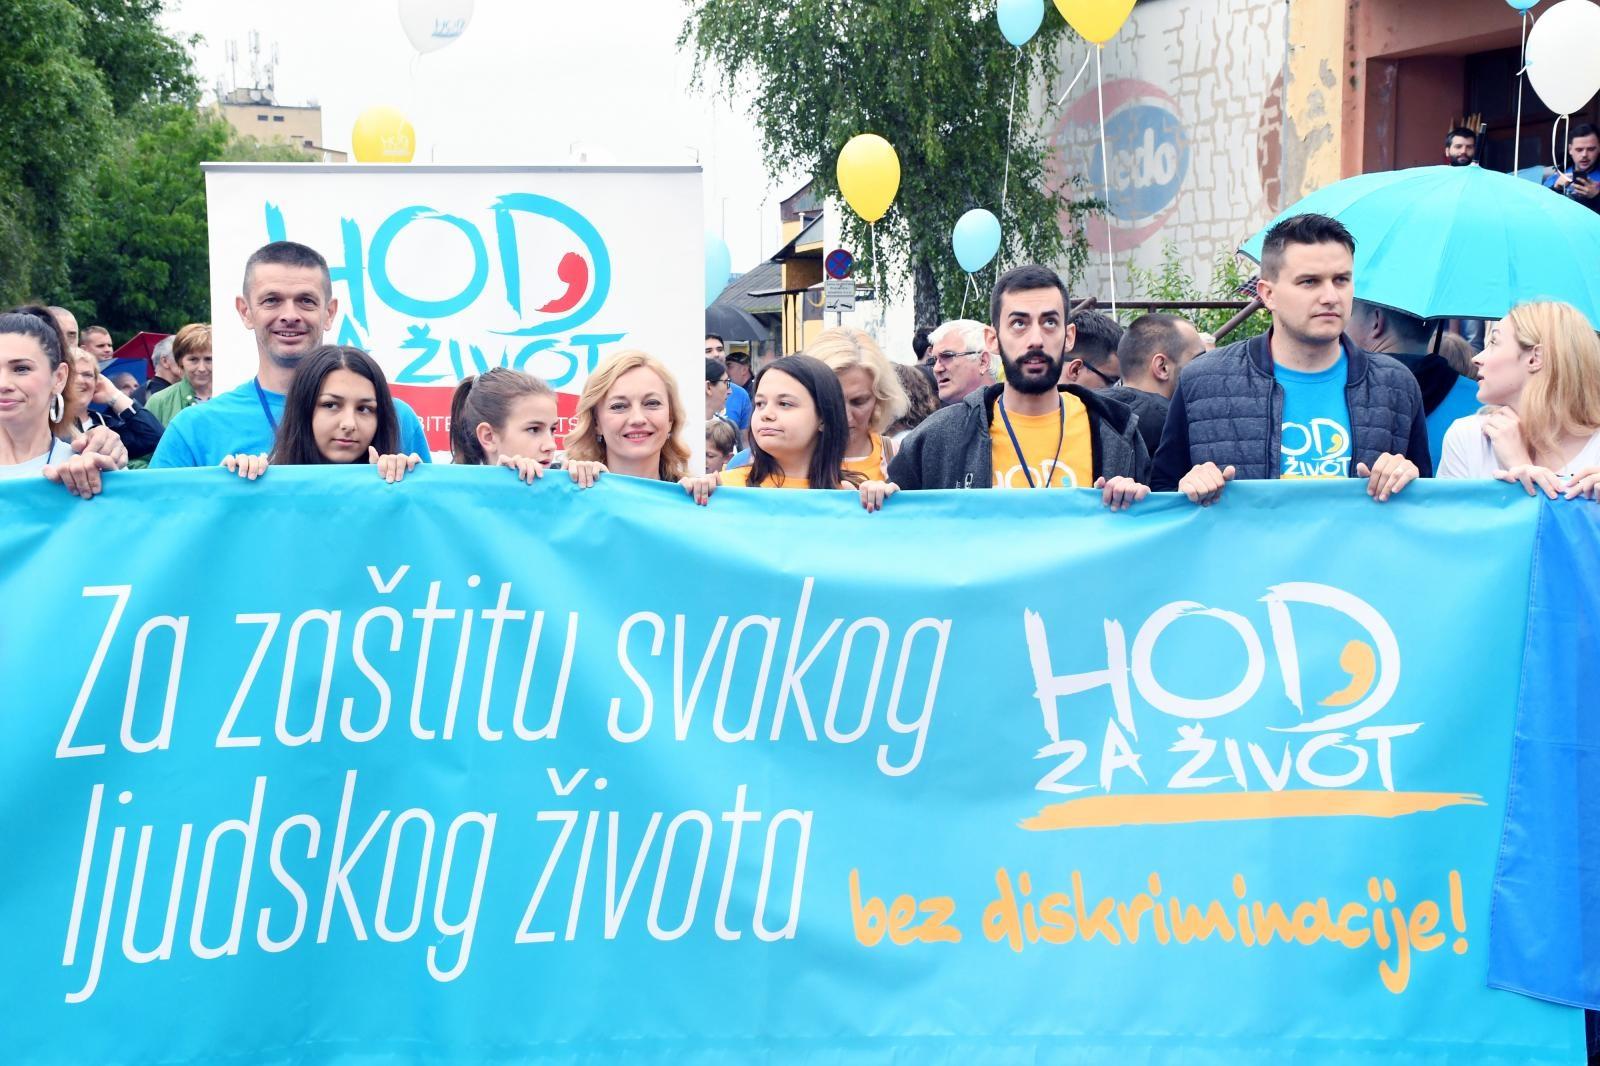 Moto manifestacije bio je 'Za zaštitu svakog ljudskog života'